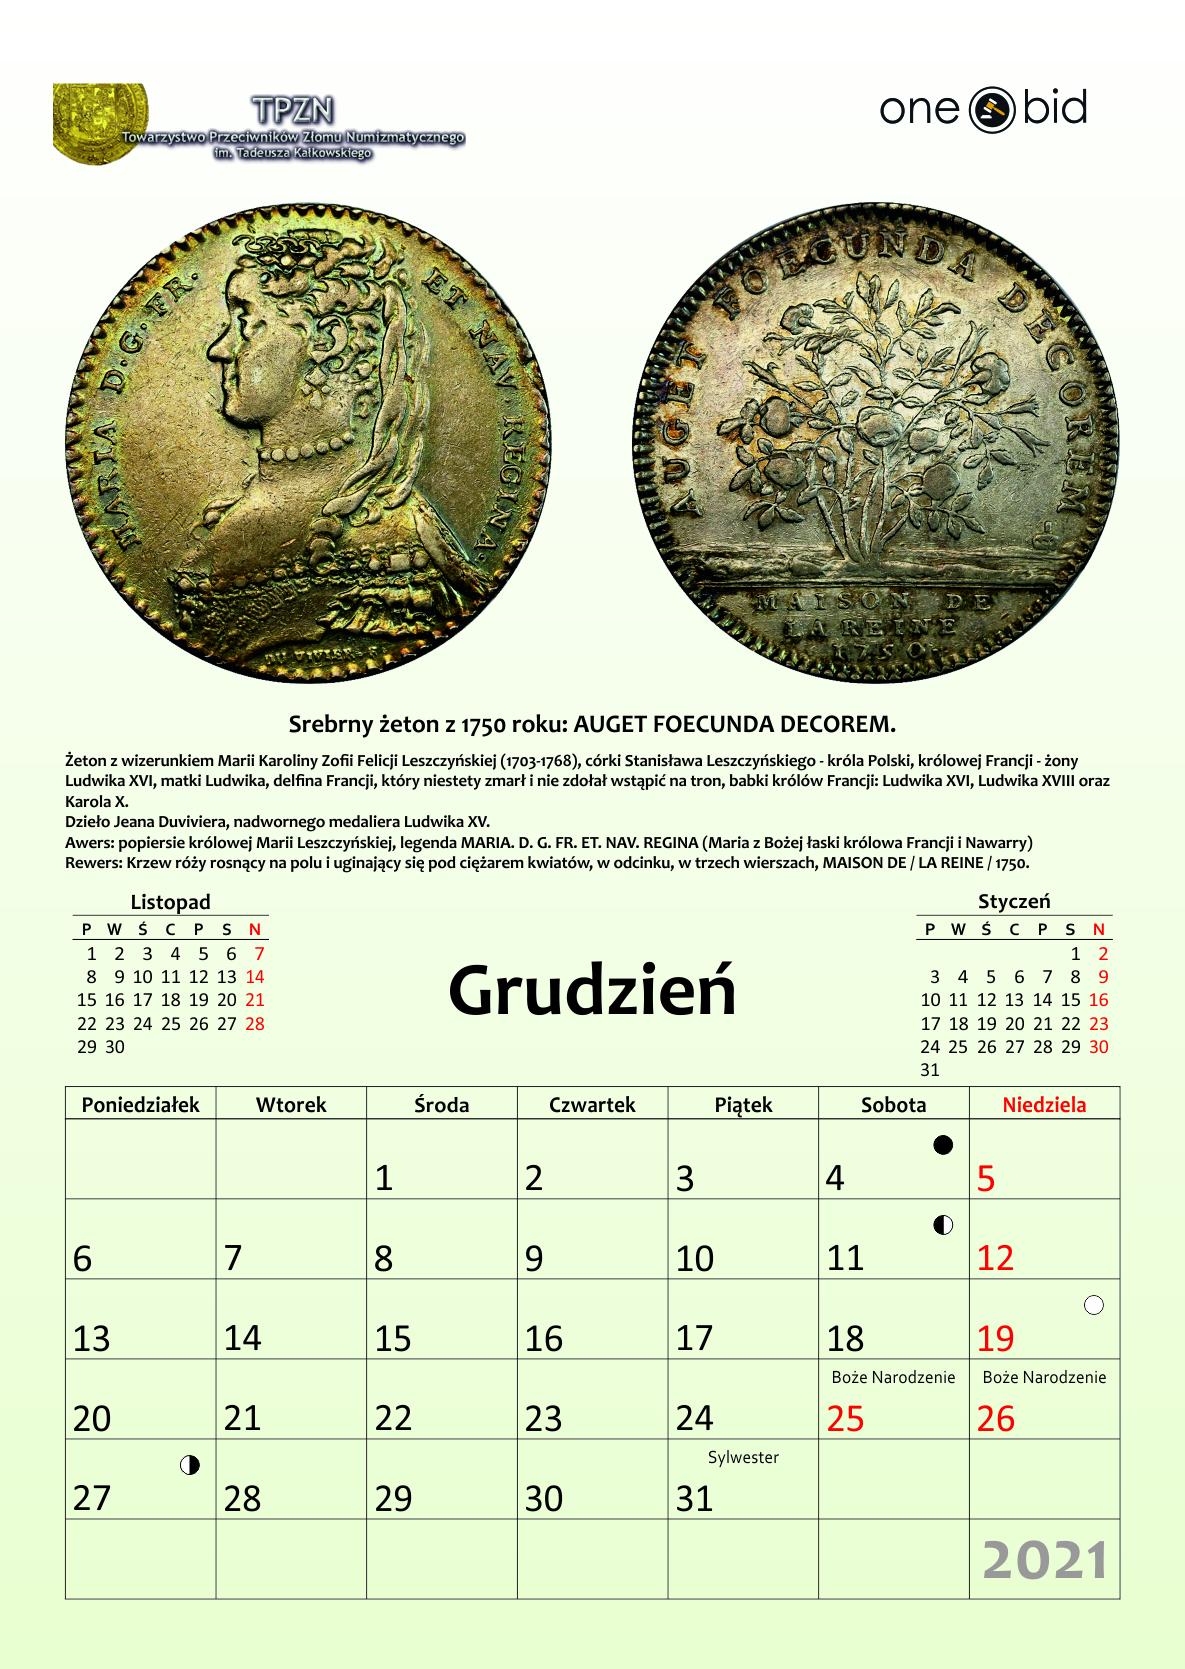 http://info.tpzn.pl/kalendarze/kalendarz2021/grudzien2021.jpg